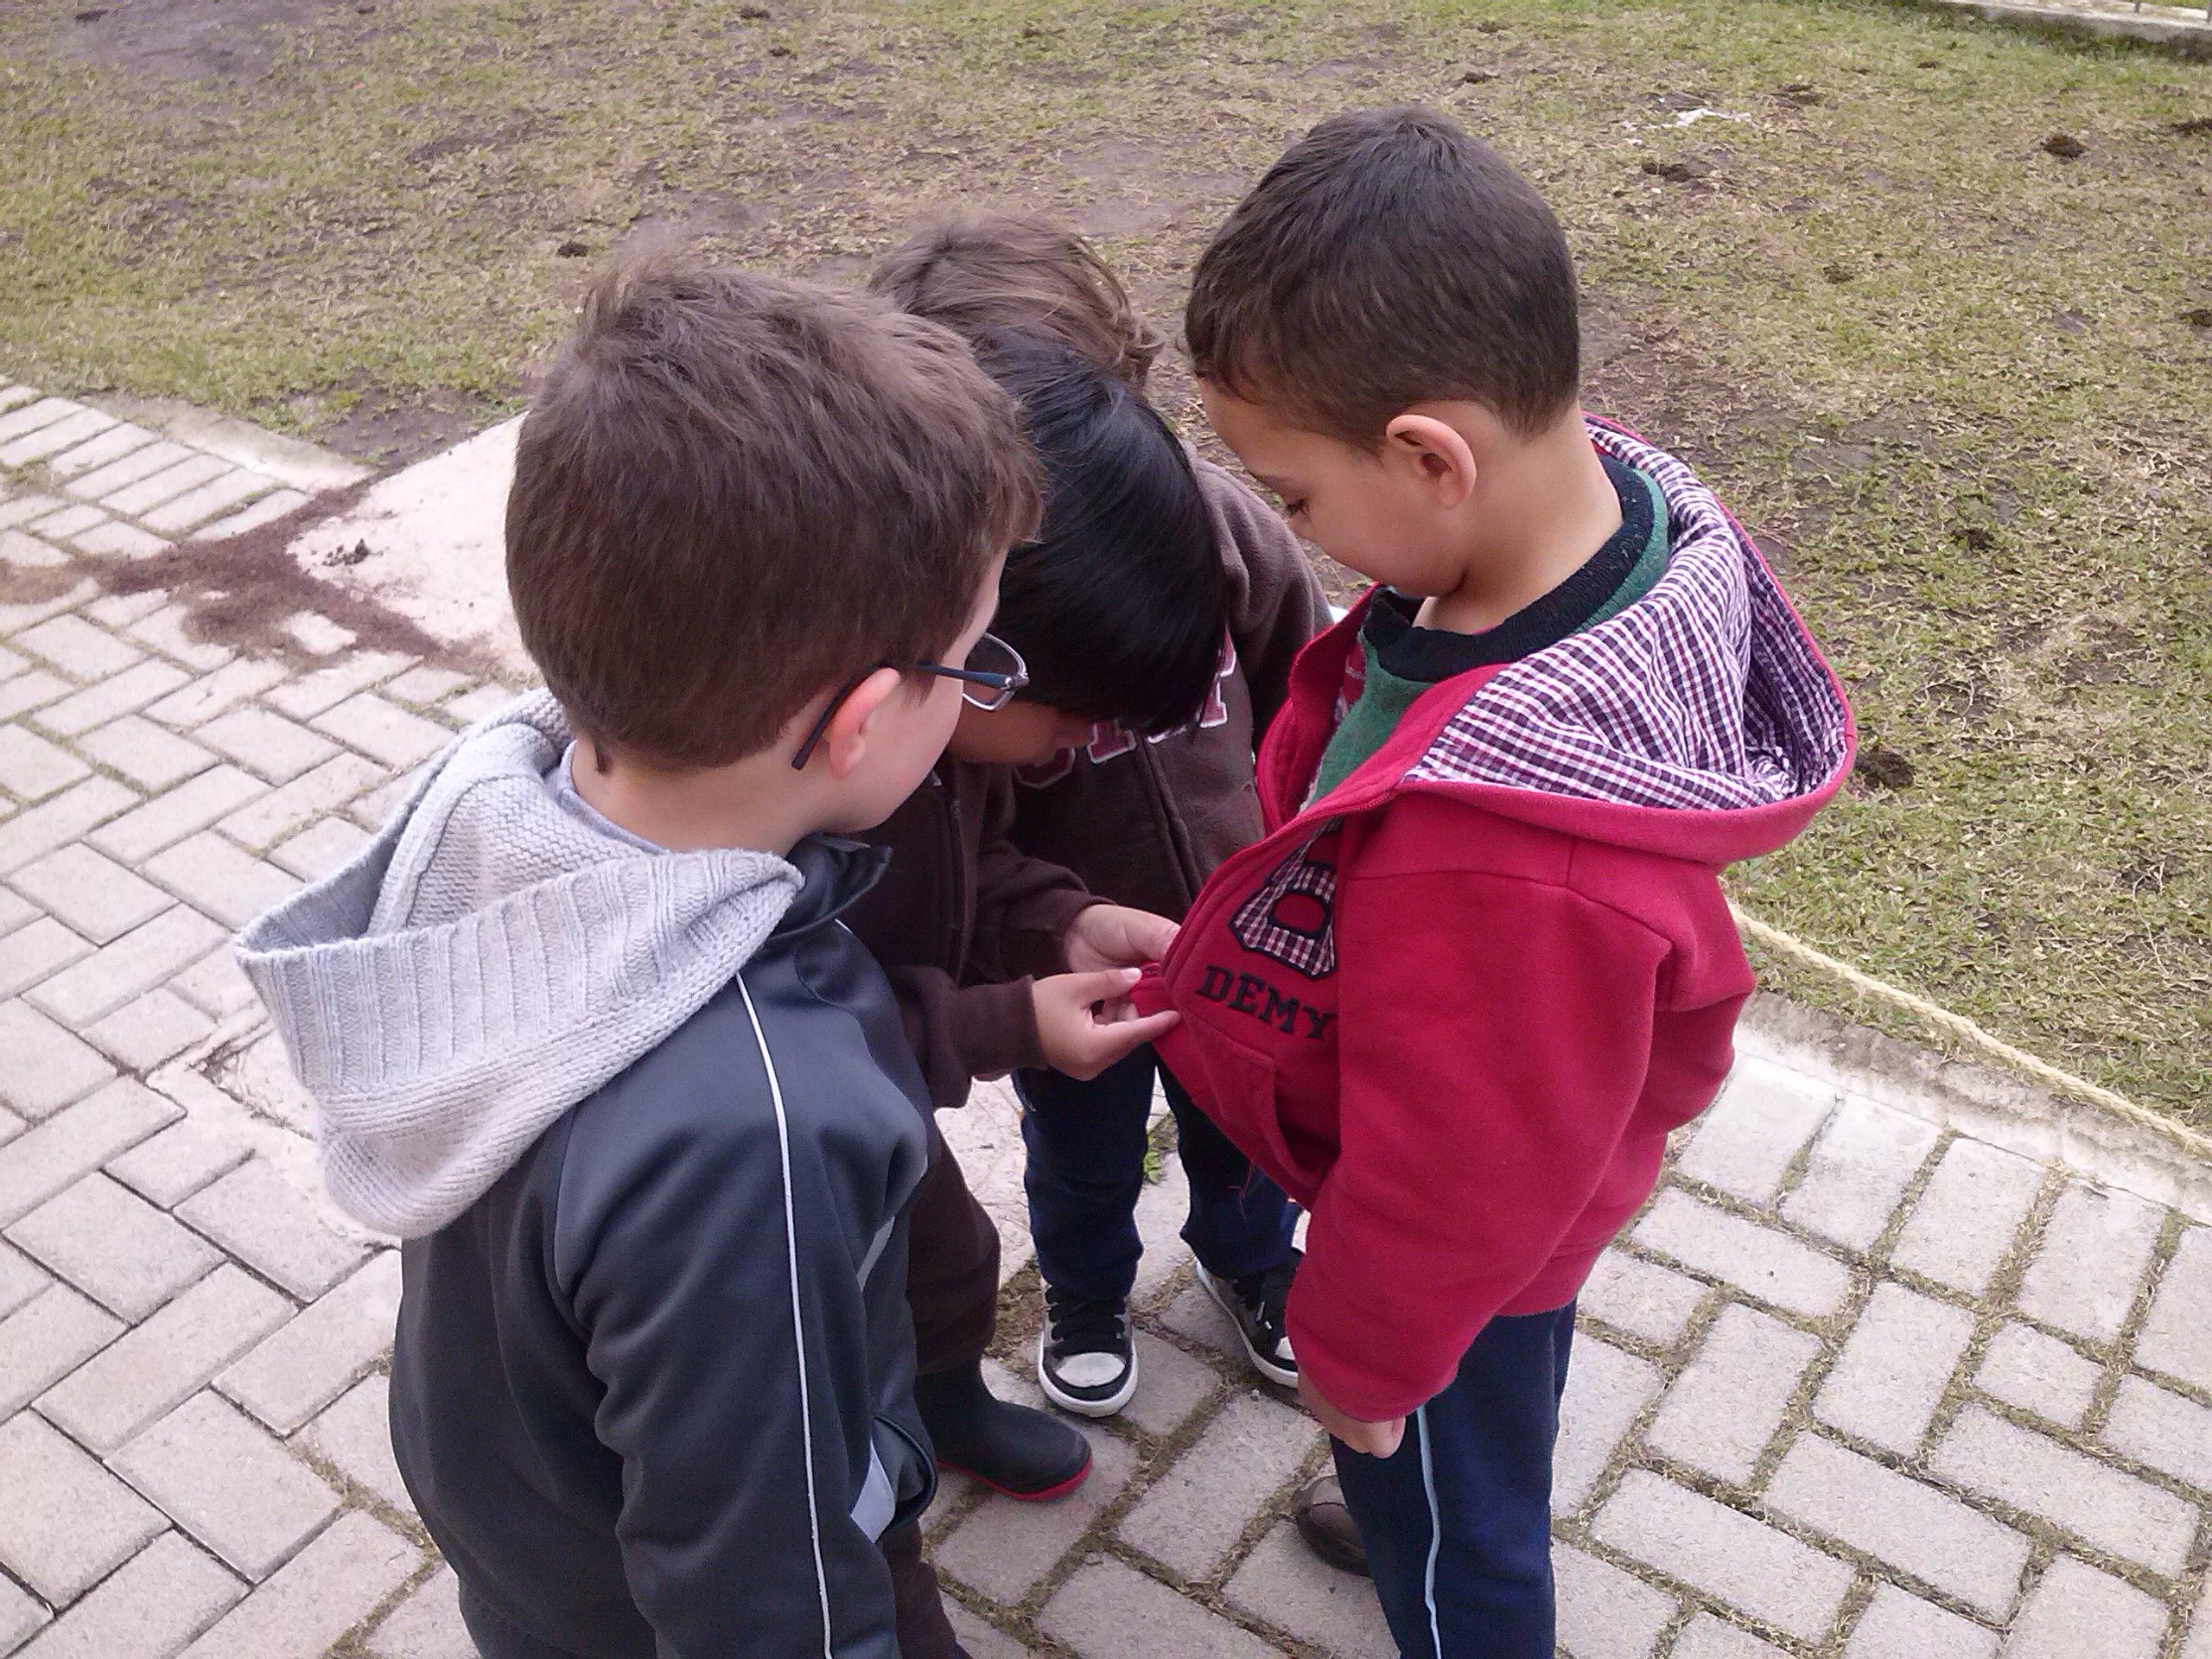 Ajudando o amigo da escola a fechar a blusa!